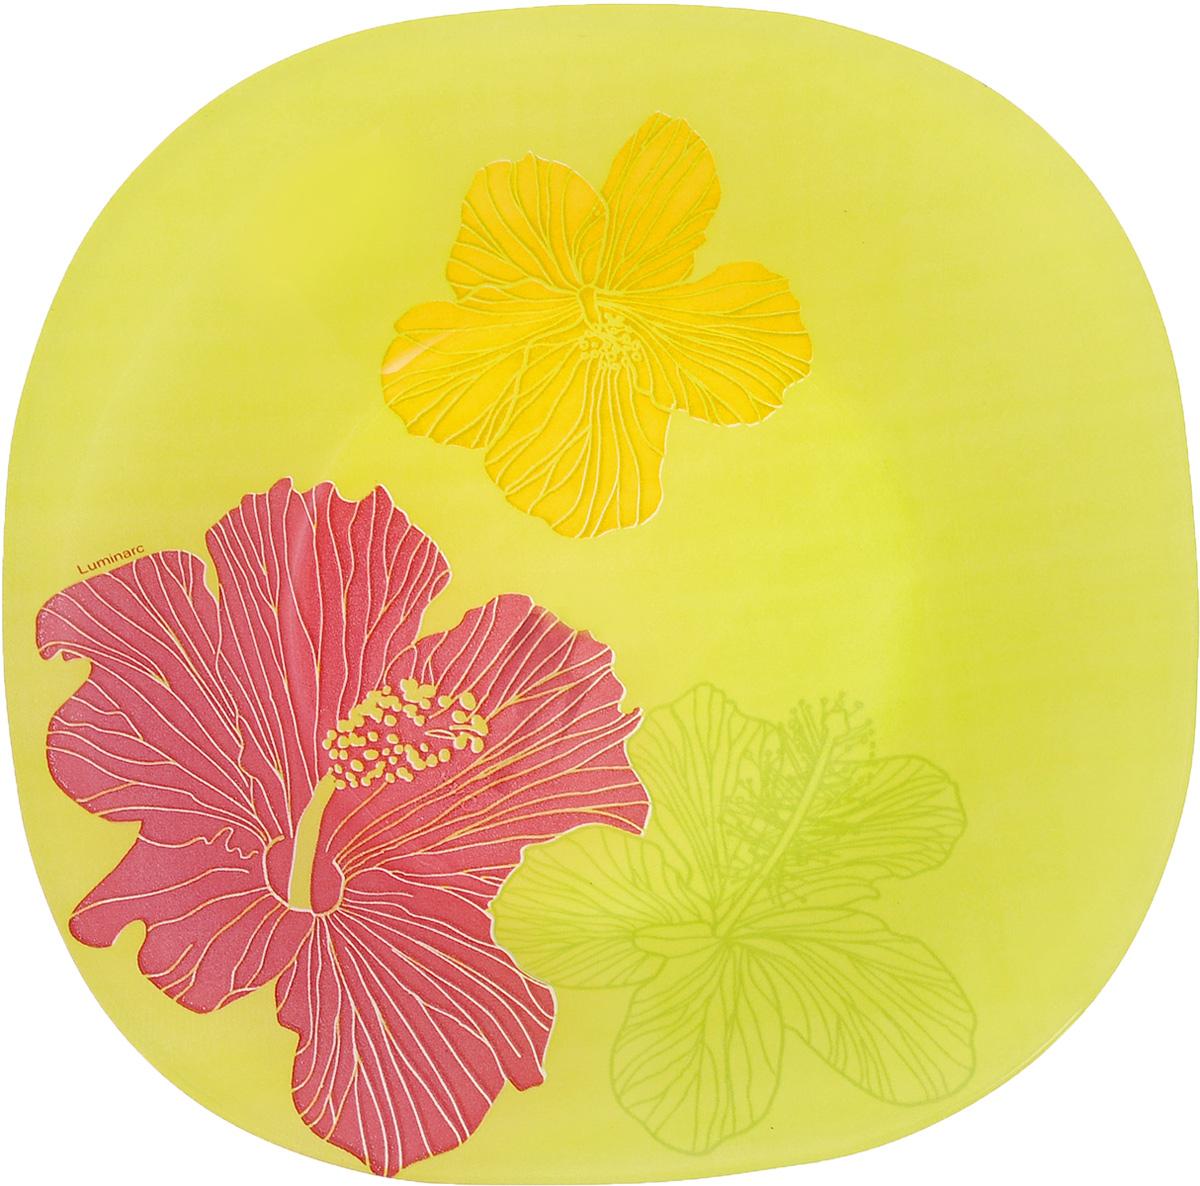 """Глубокая тарелка Luminarc """"Hibiscus"""" выполнена изударопрочного стекла и оформлена ярким рисунком.Изделие сочетает в себе изысканный дизайн с максимальнойфункциональностью. Она прекрасно впишется винтерьер вашей кухни и станет достойным дополнениемк кухонному инвентарю. Тарелка Luminarc """"Hibiscus"""" подчеркнет прекрасный вкус хозяйкии станет отличным подарком. Размер (по верхнему краю): 20 х 20 см.Высота тарелки: 3,2 см."""